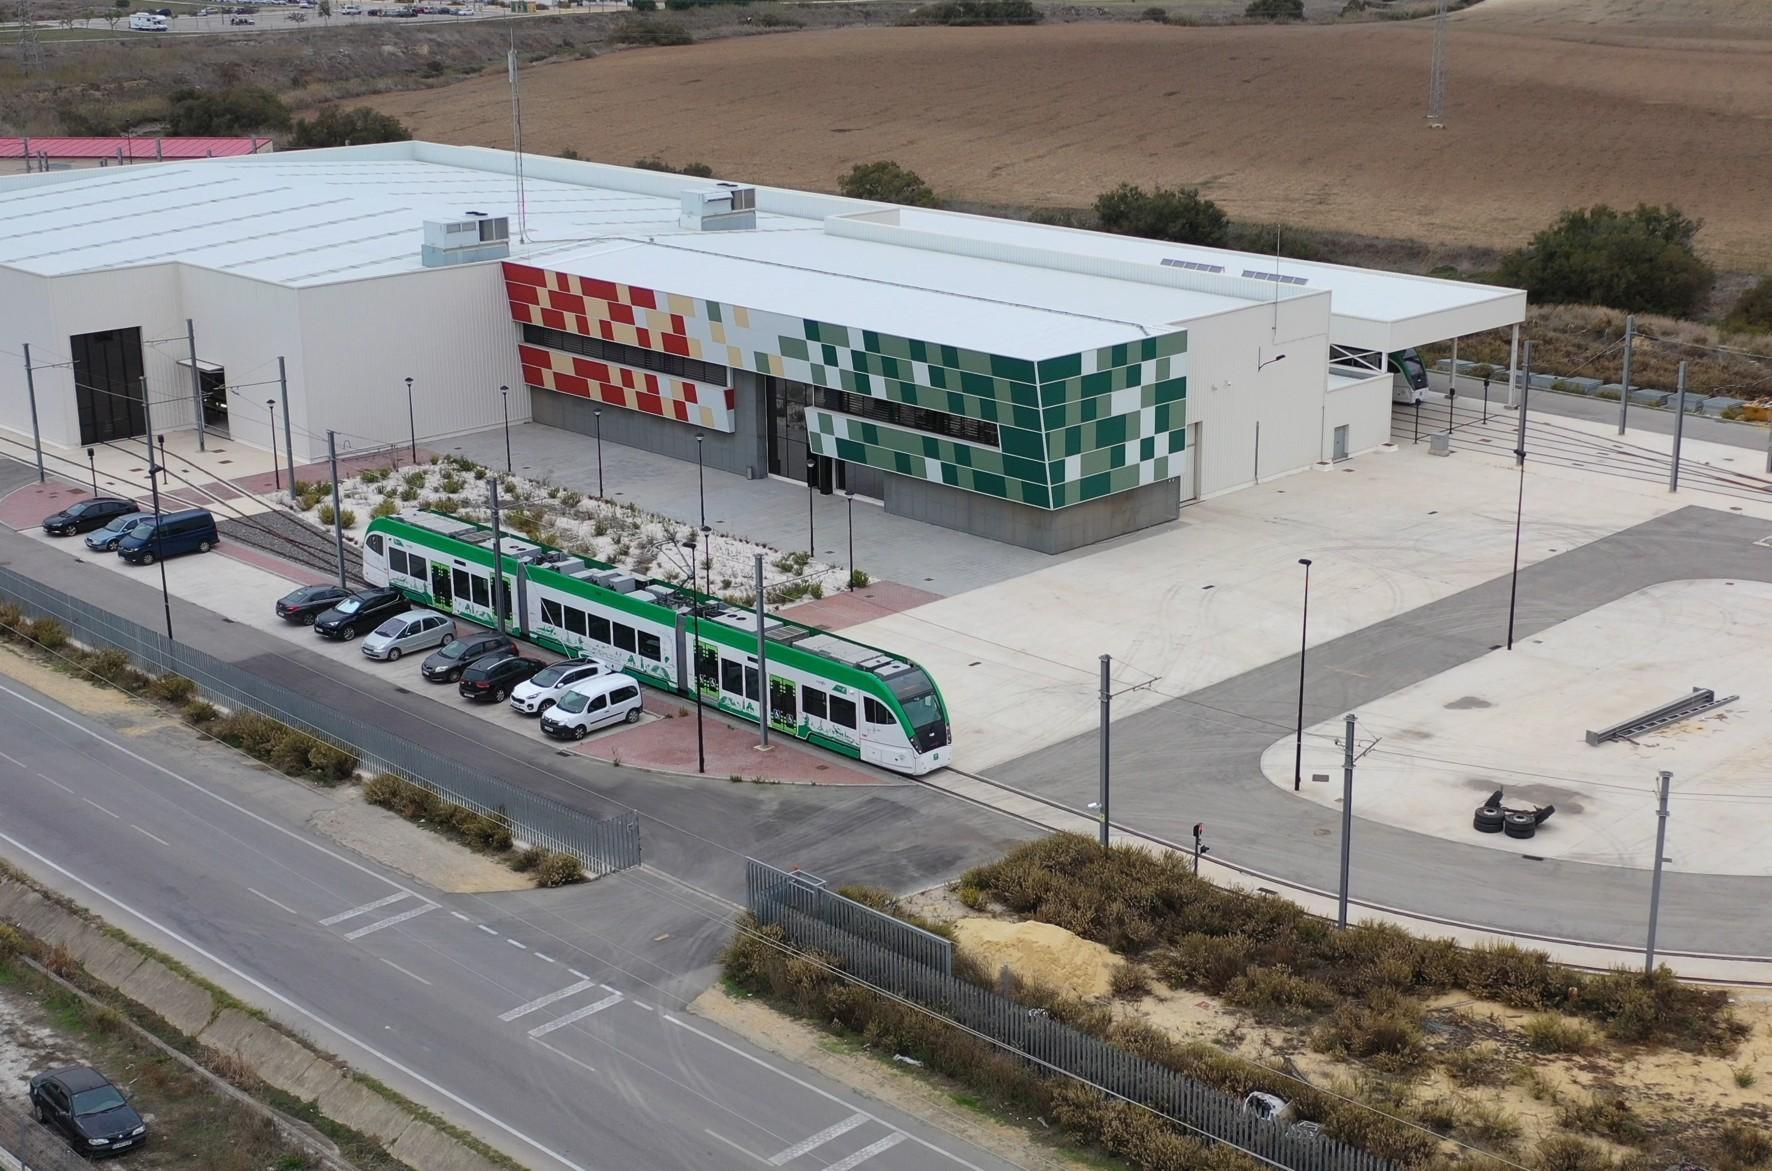 El contrato de limpieza afecta a las cocheras del tranvía en Pelagatos.